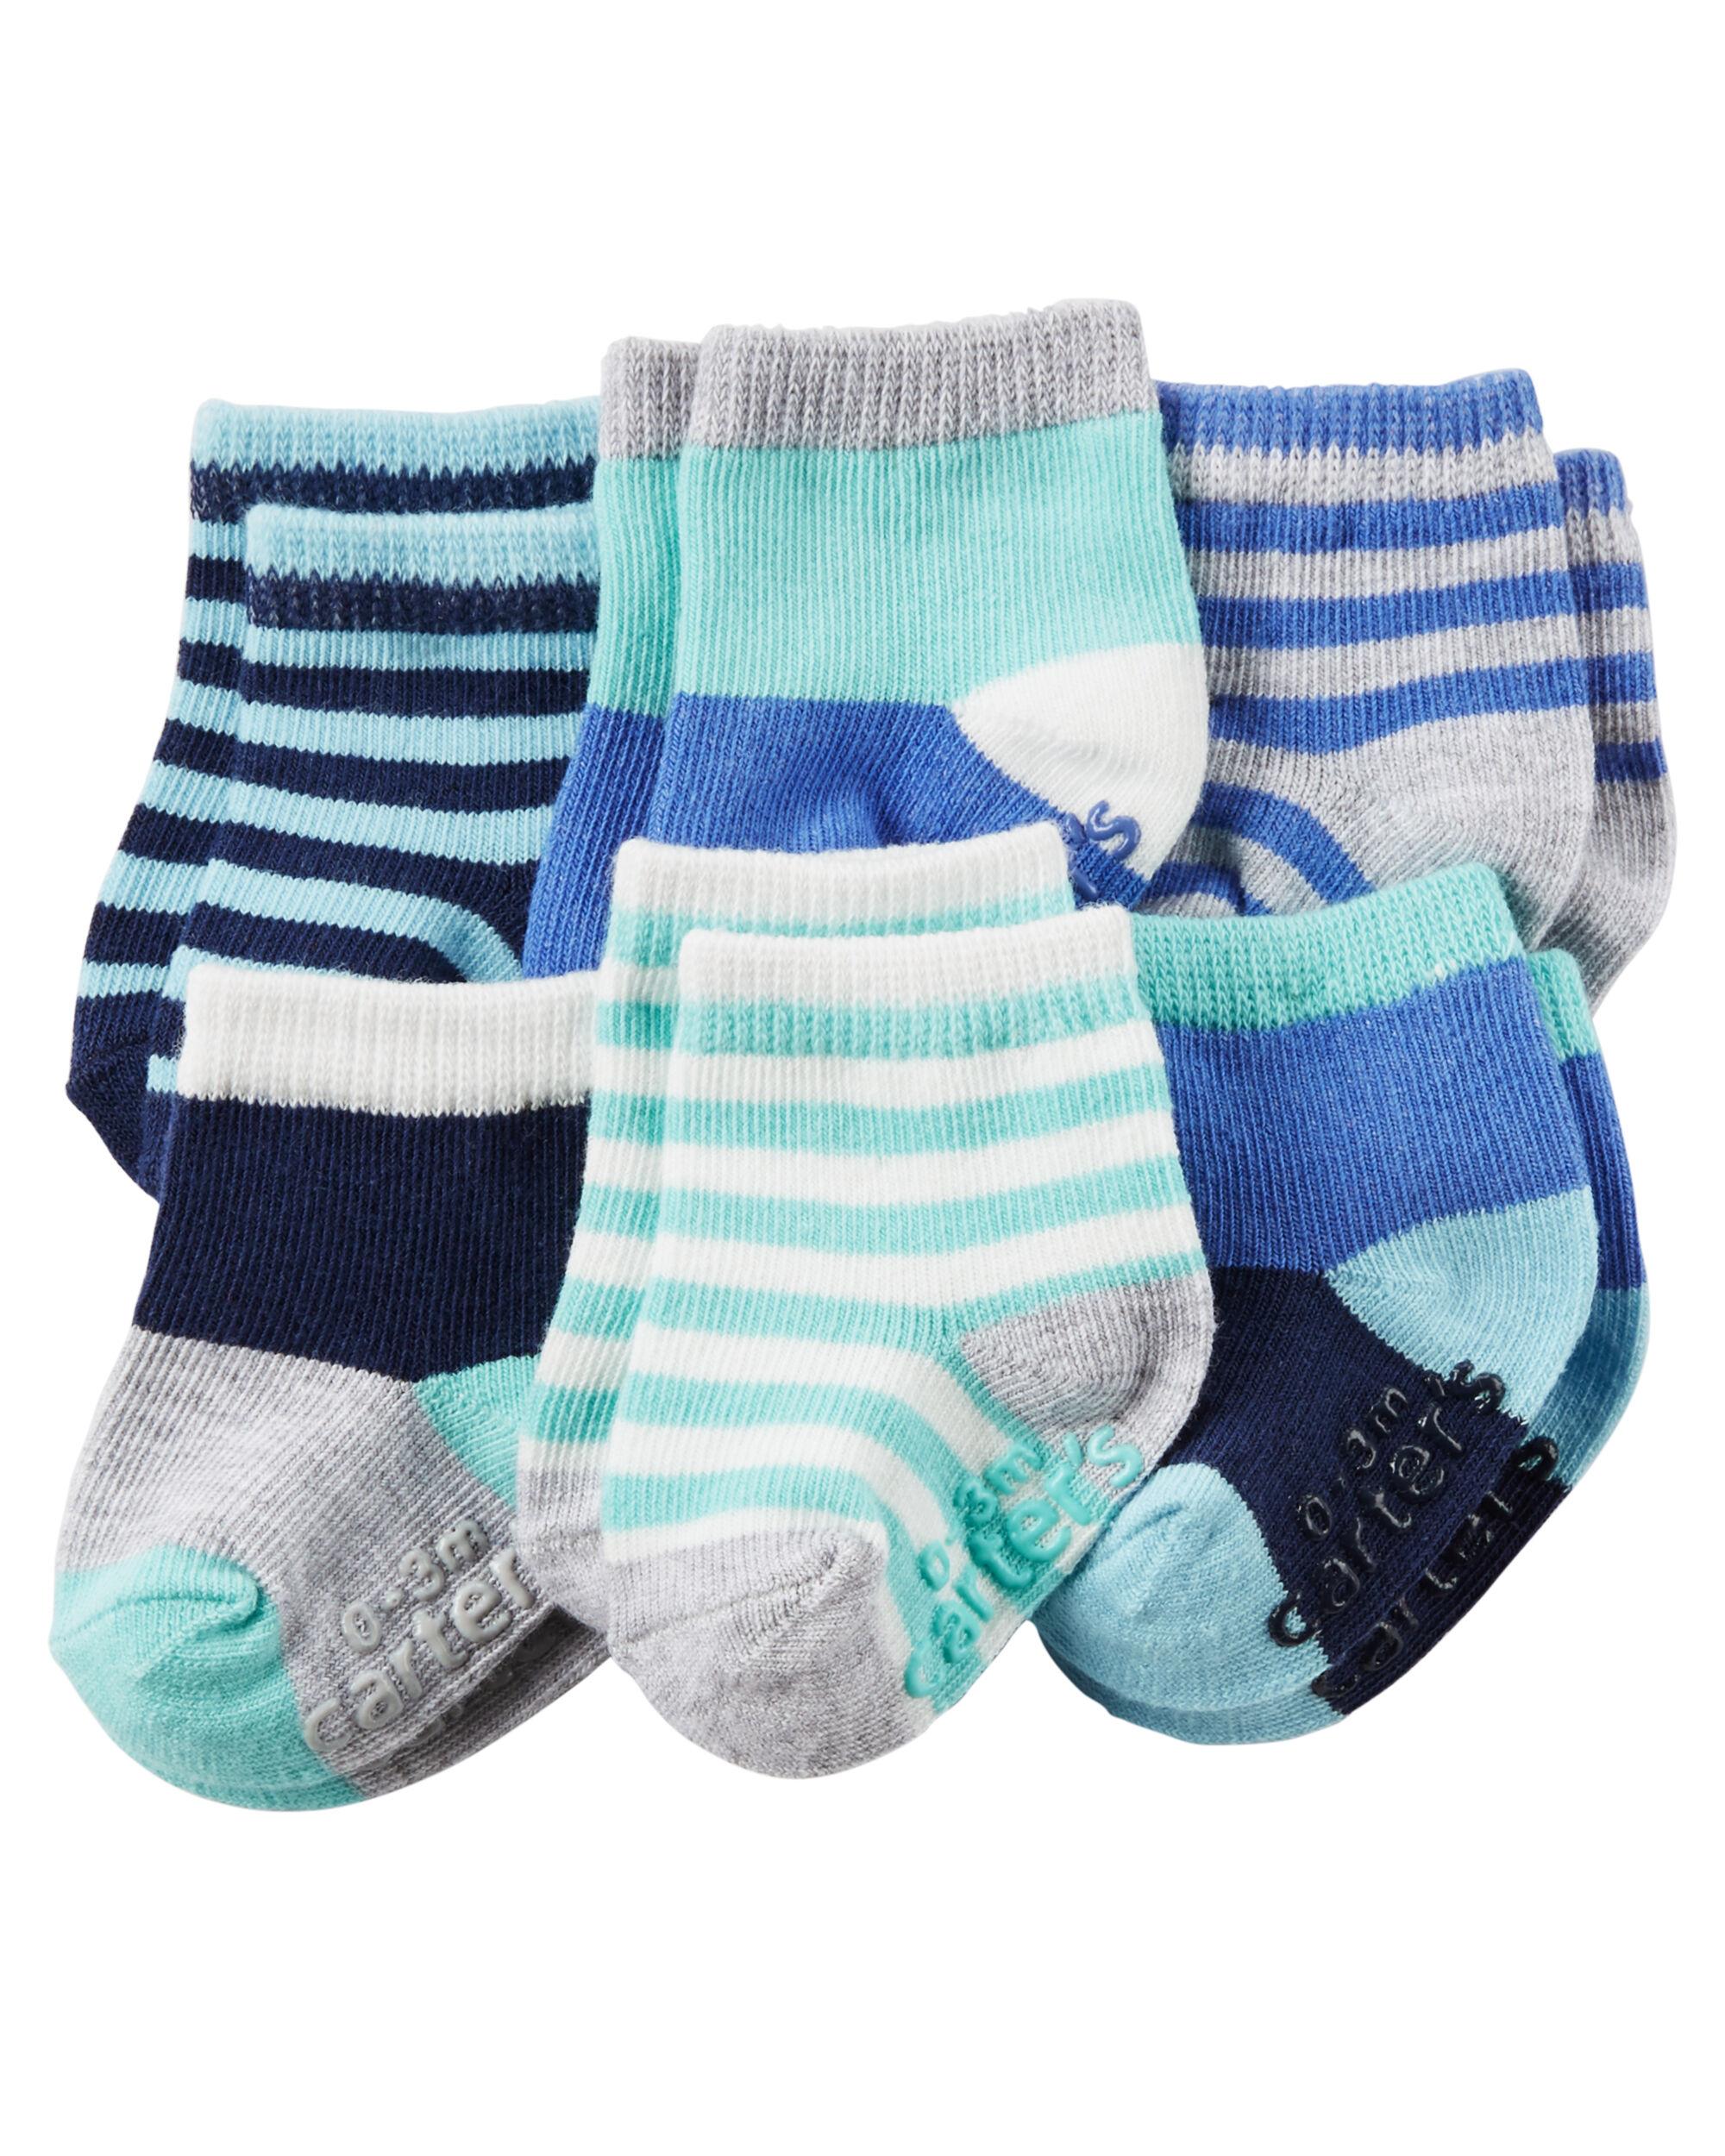 6 Pack Socks